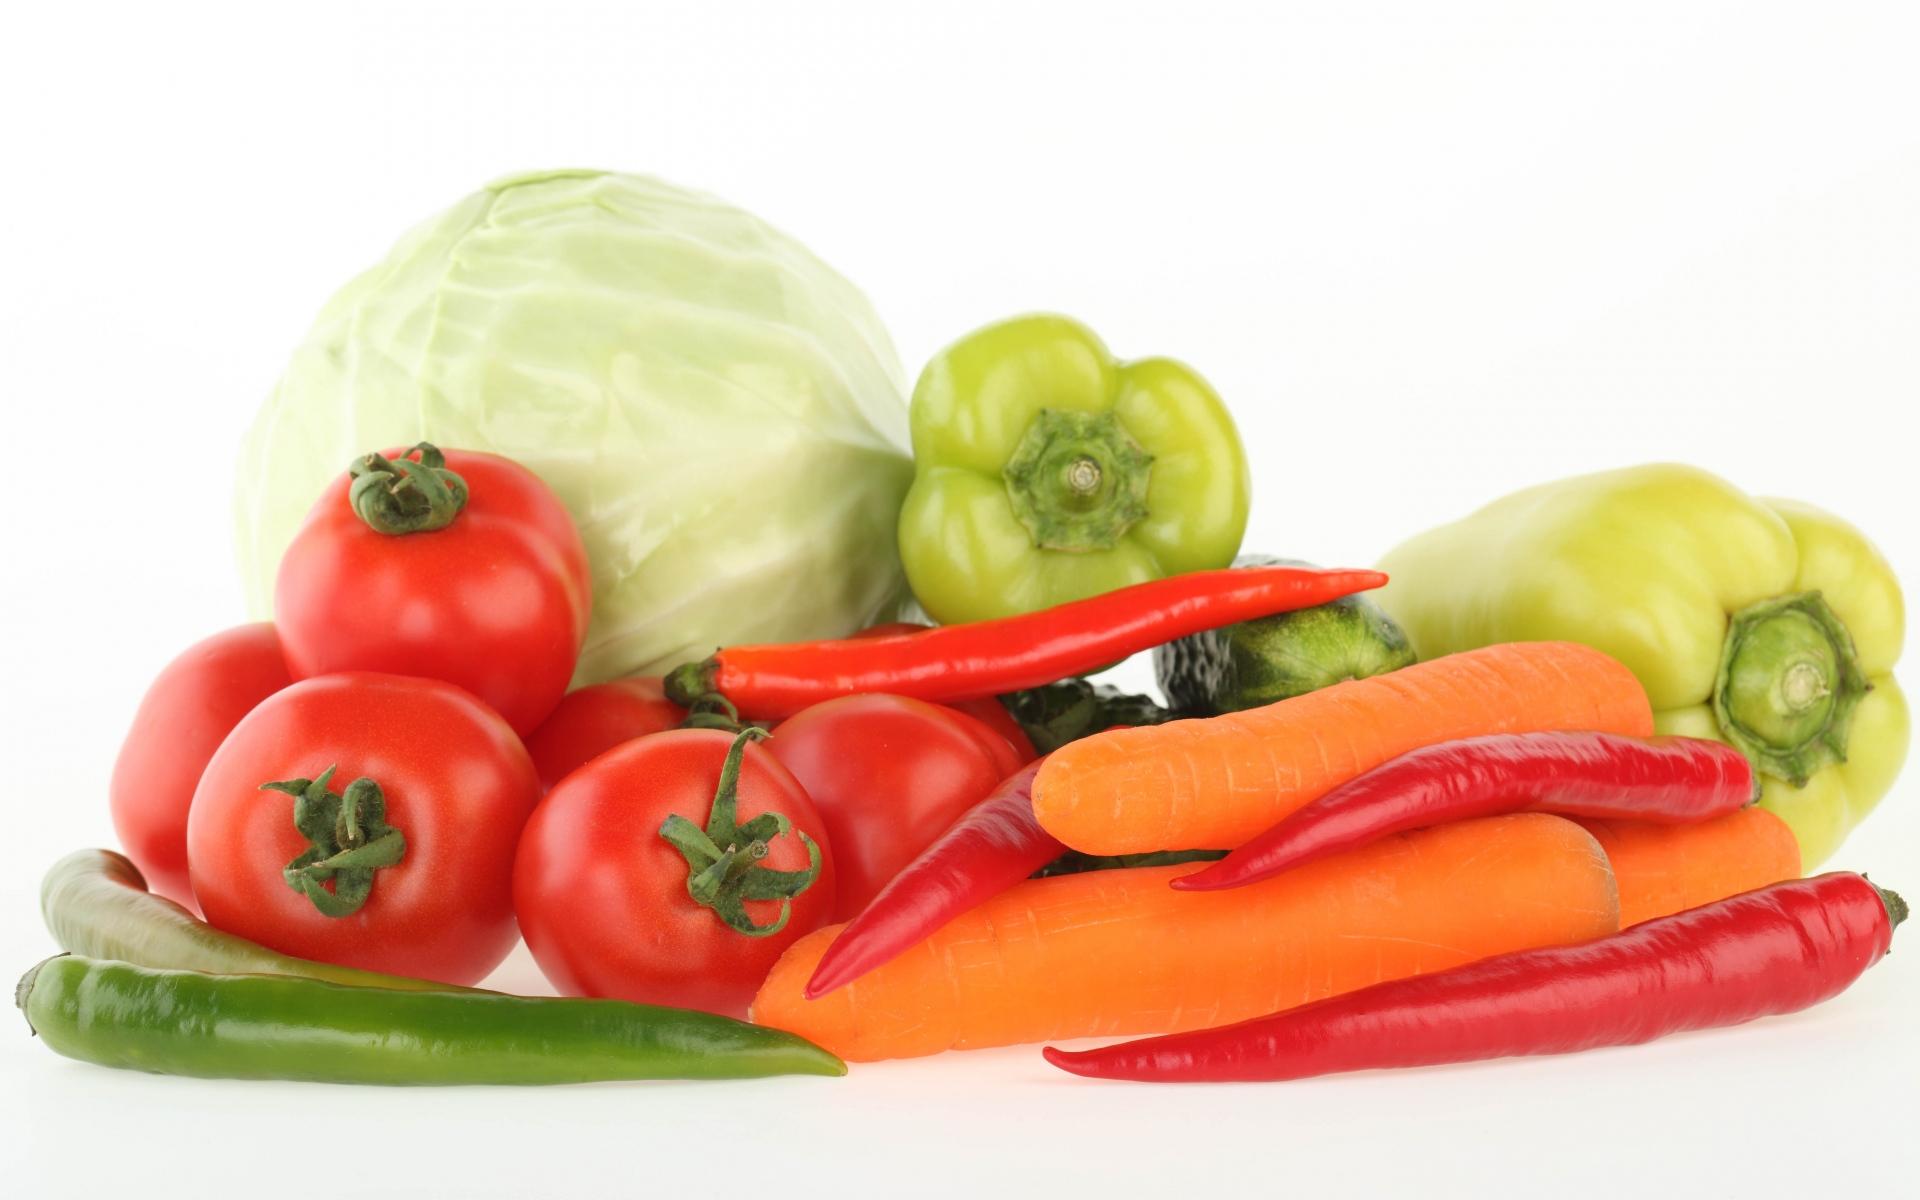 Картинки Etables, гроздь, морковь, помидоры, перец, капуста, набелом фоне фото и обои на рабочий стол